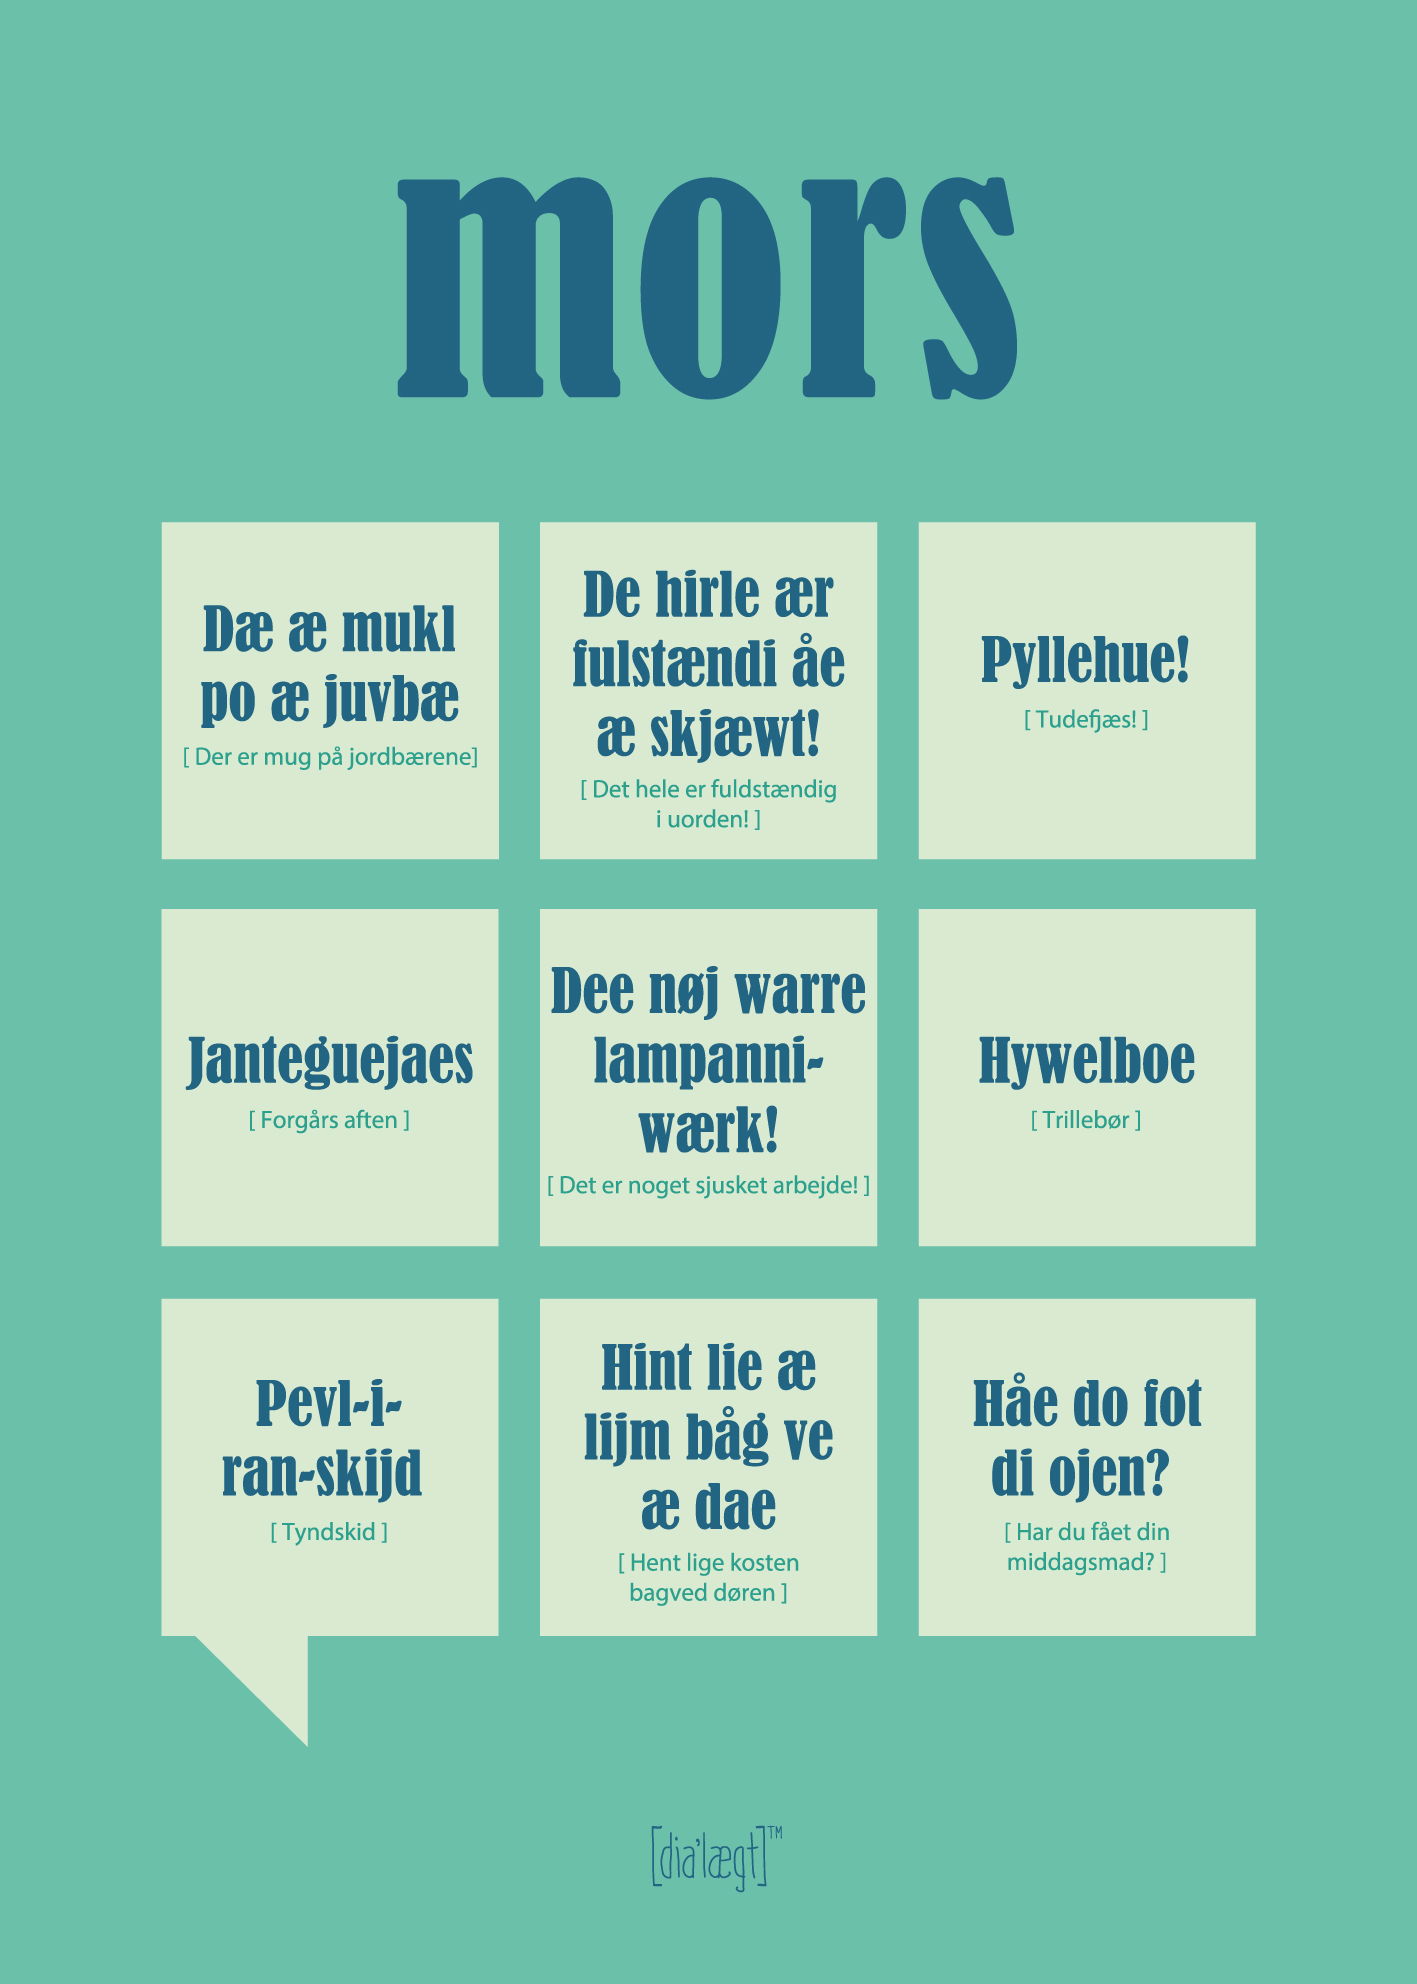 mor citater Plakat med citater fra Mors mor citater